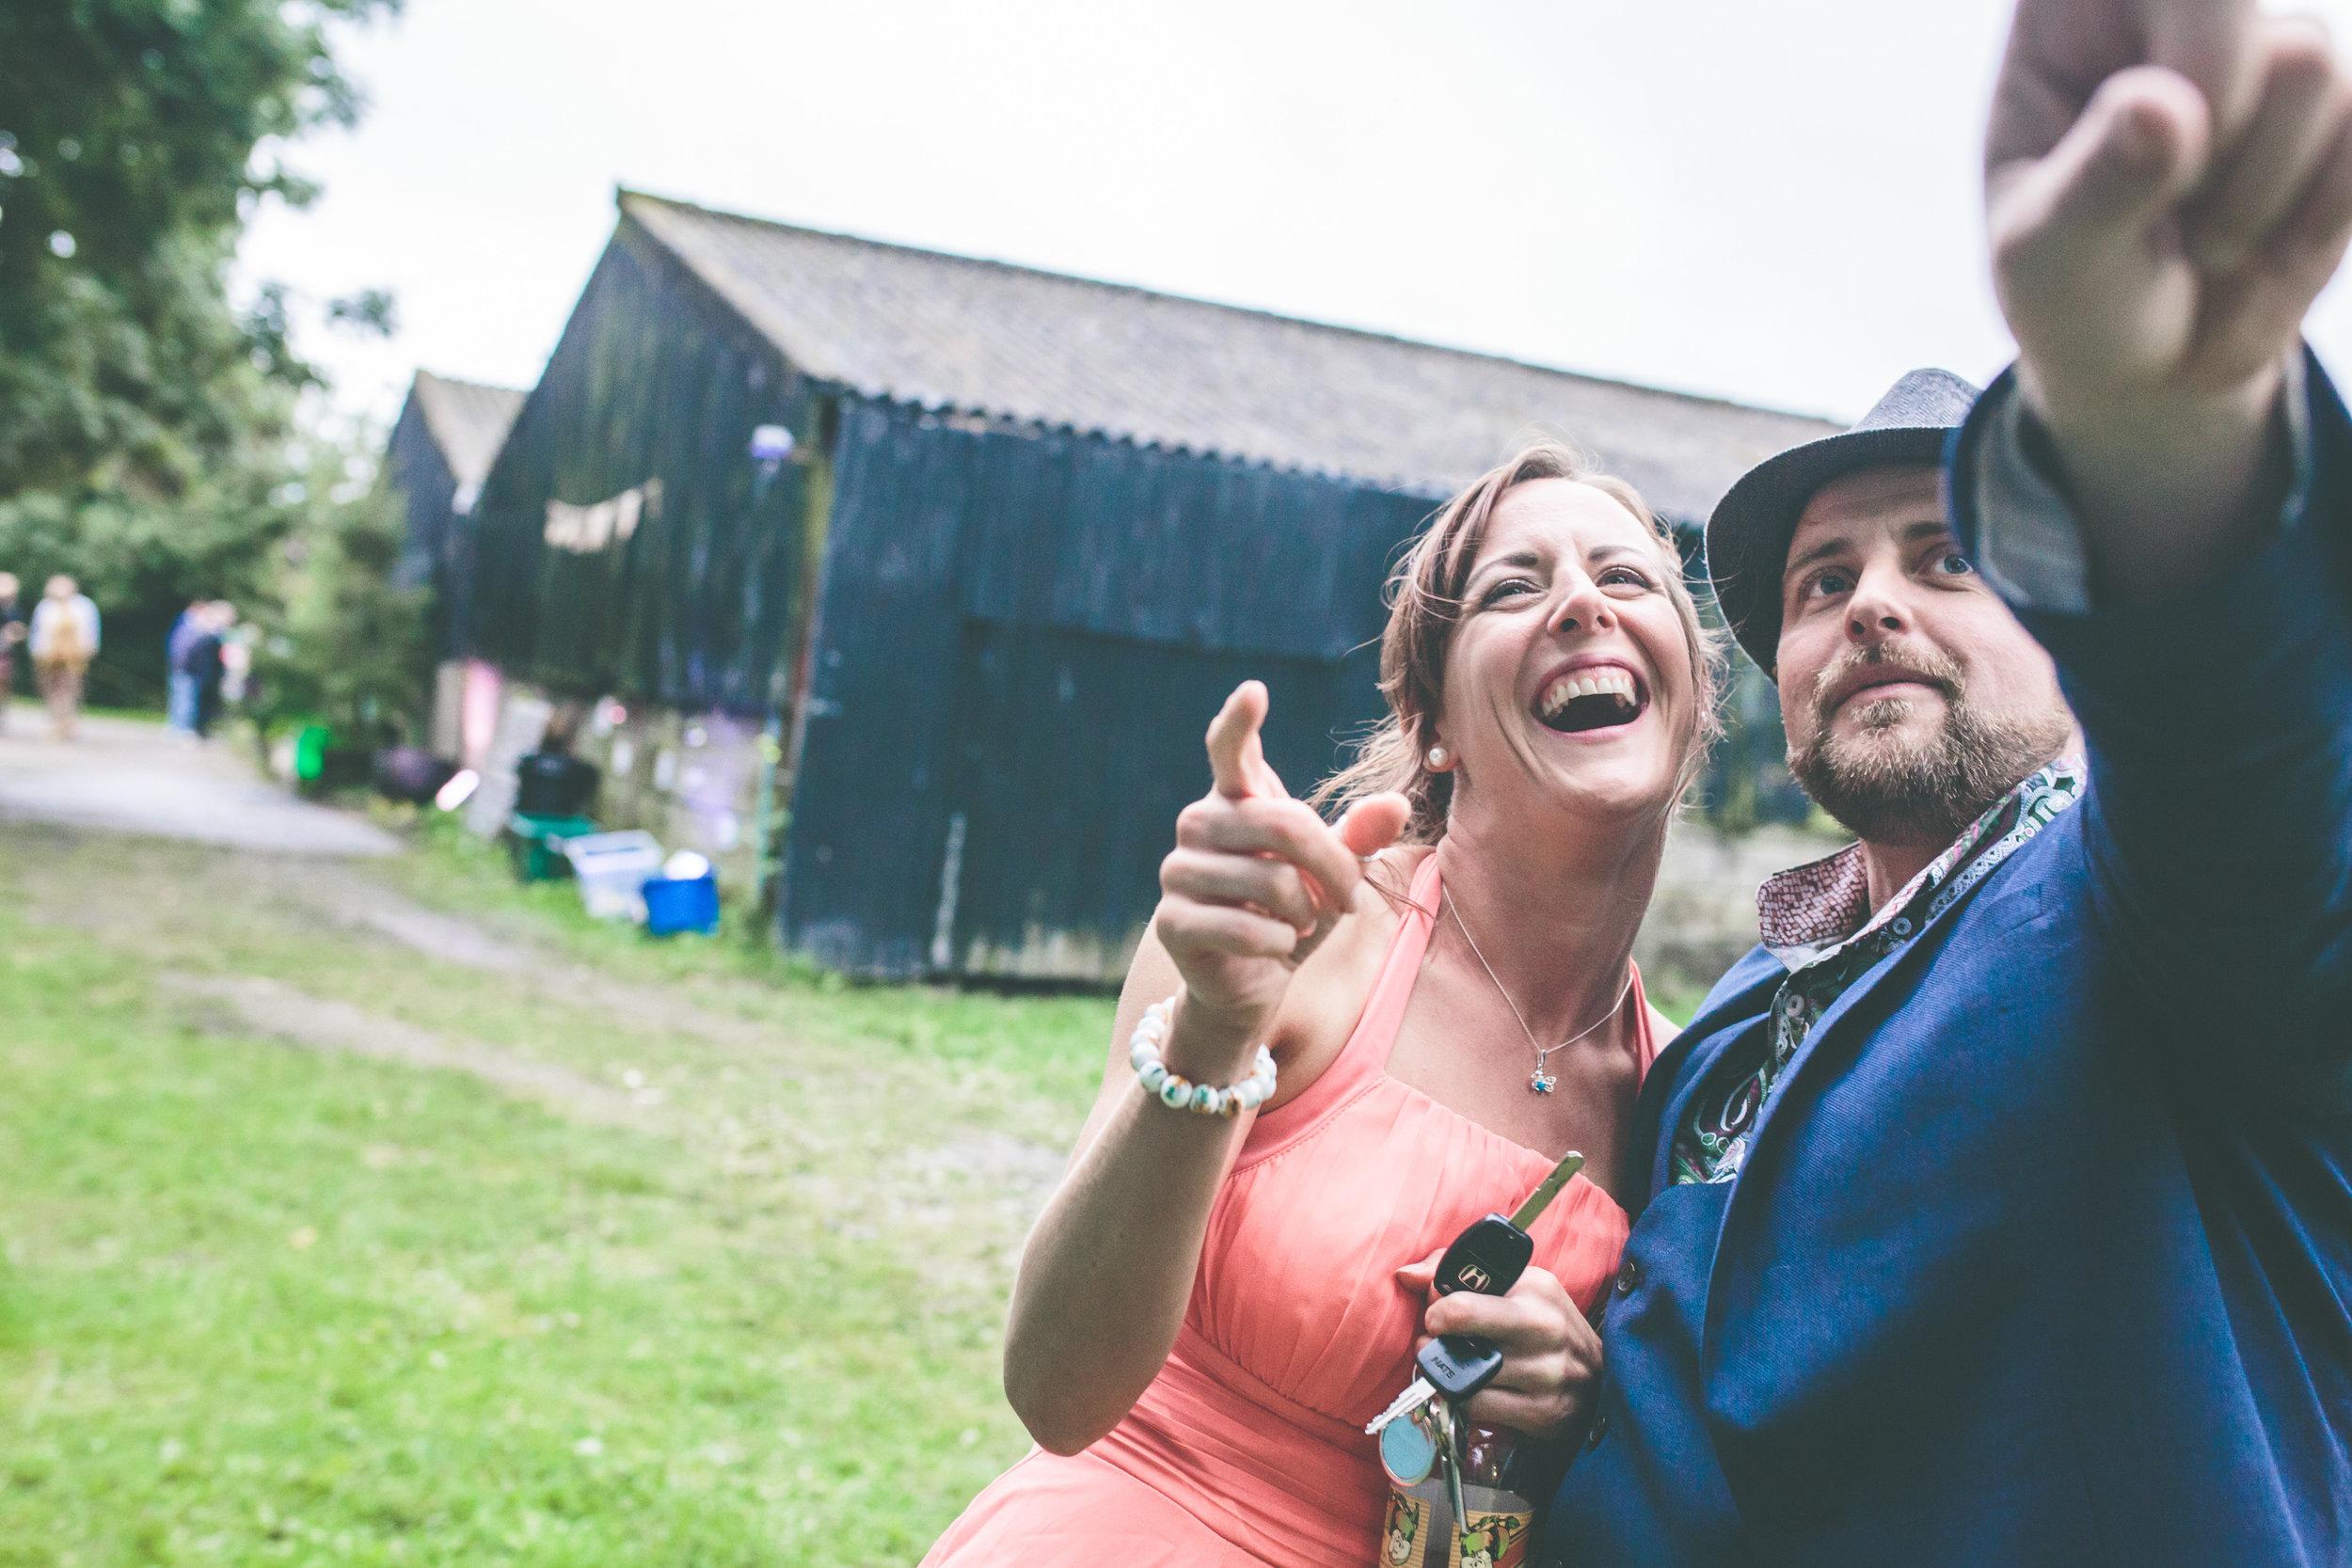 Mahoralls_Cider_Farm_Wedding_Shropshire_Sammy_Jack-433.jpg